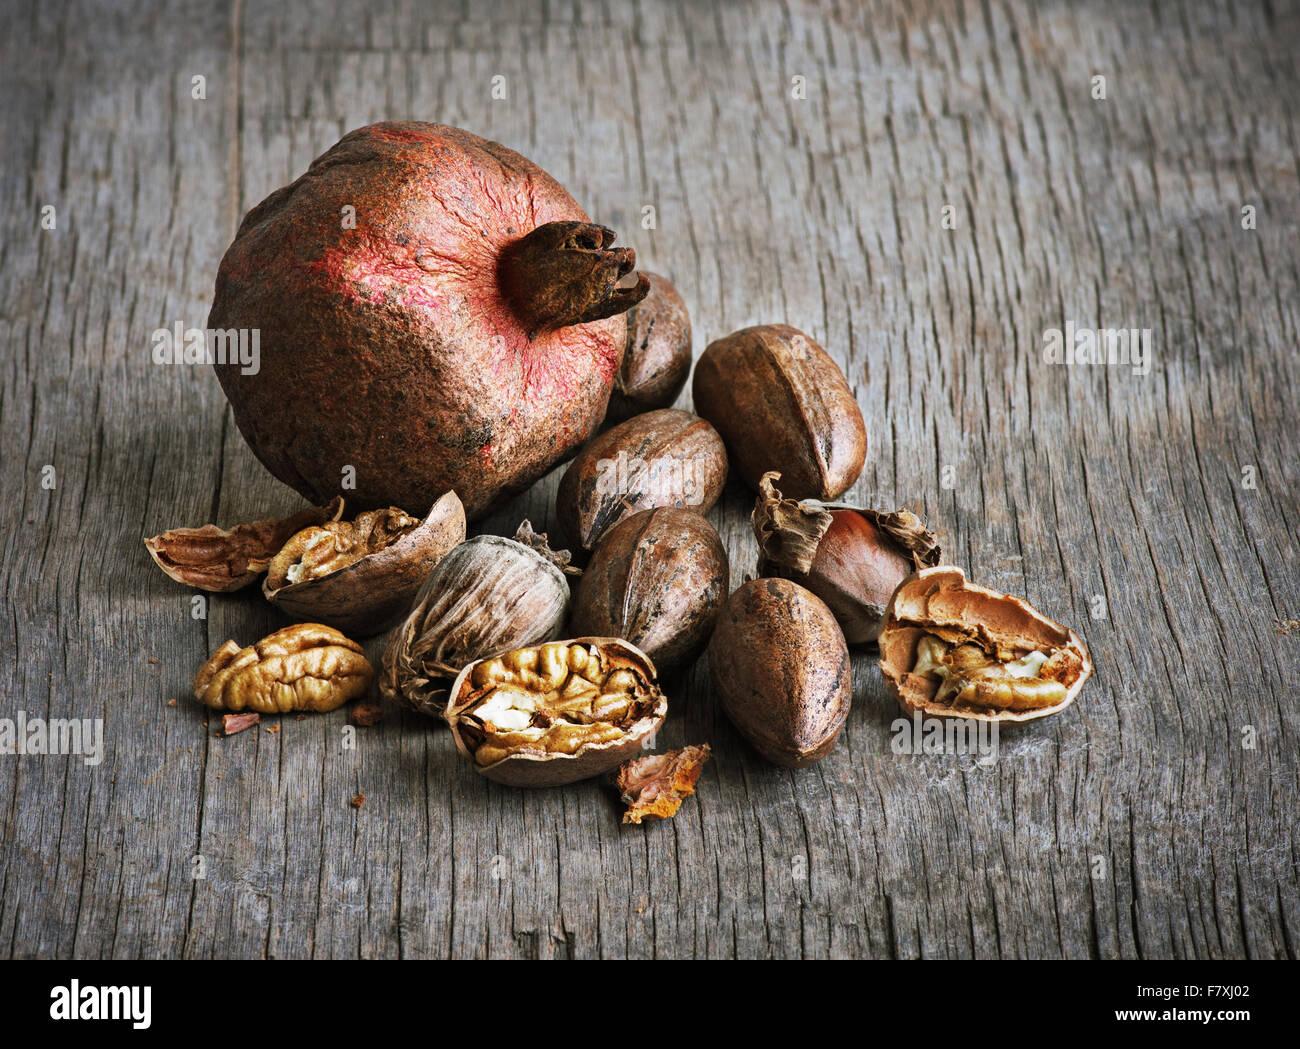 Grenade et noix de pécan sur une table en bois Photo Stock